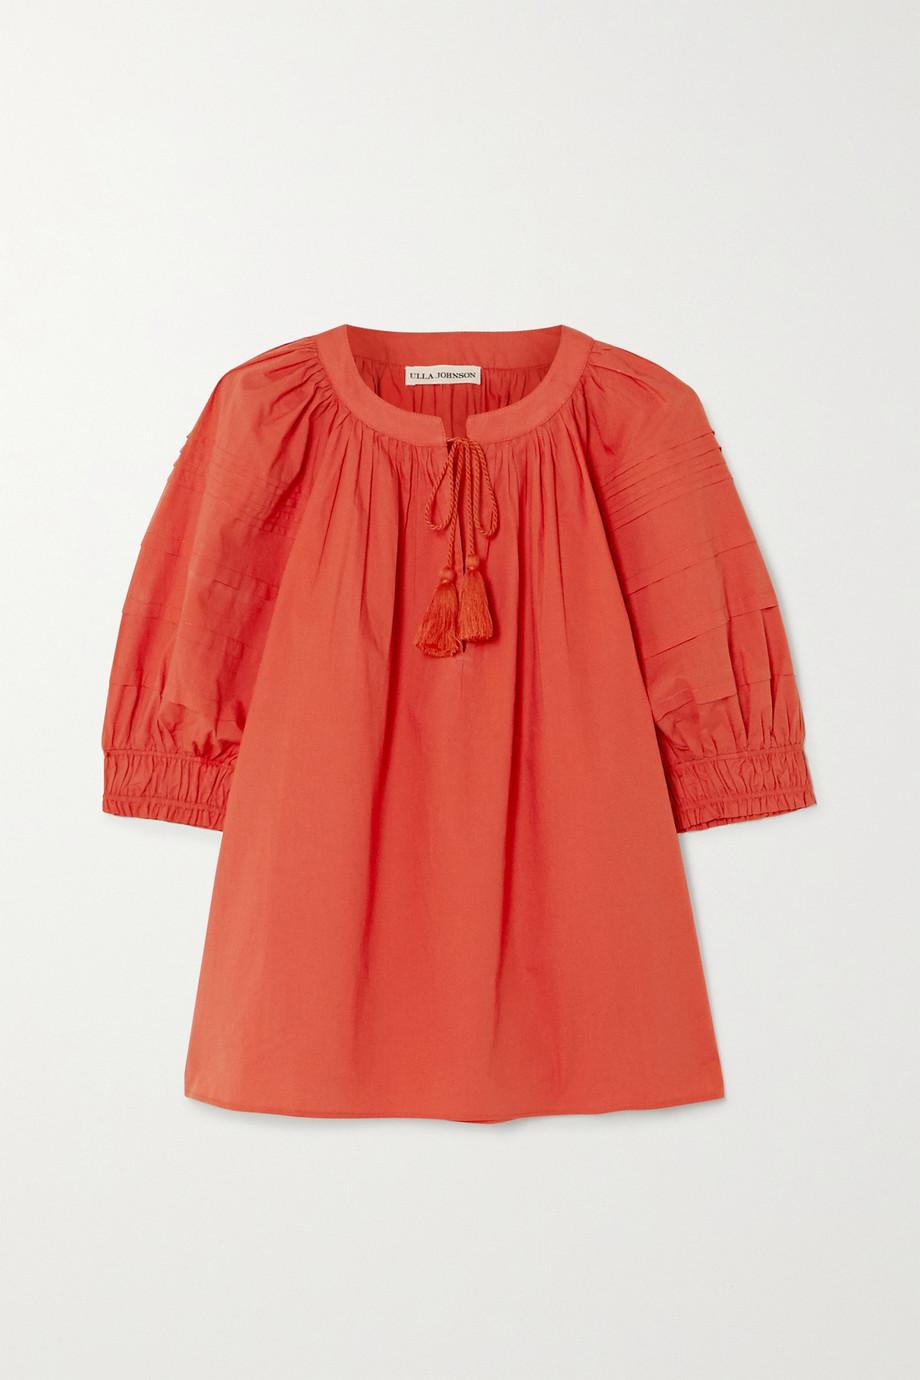 Ulla Johnson Arin tasseled cotton top